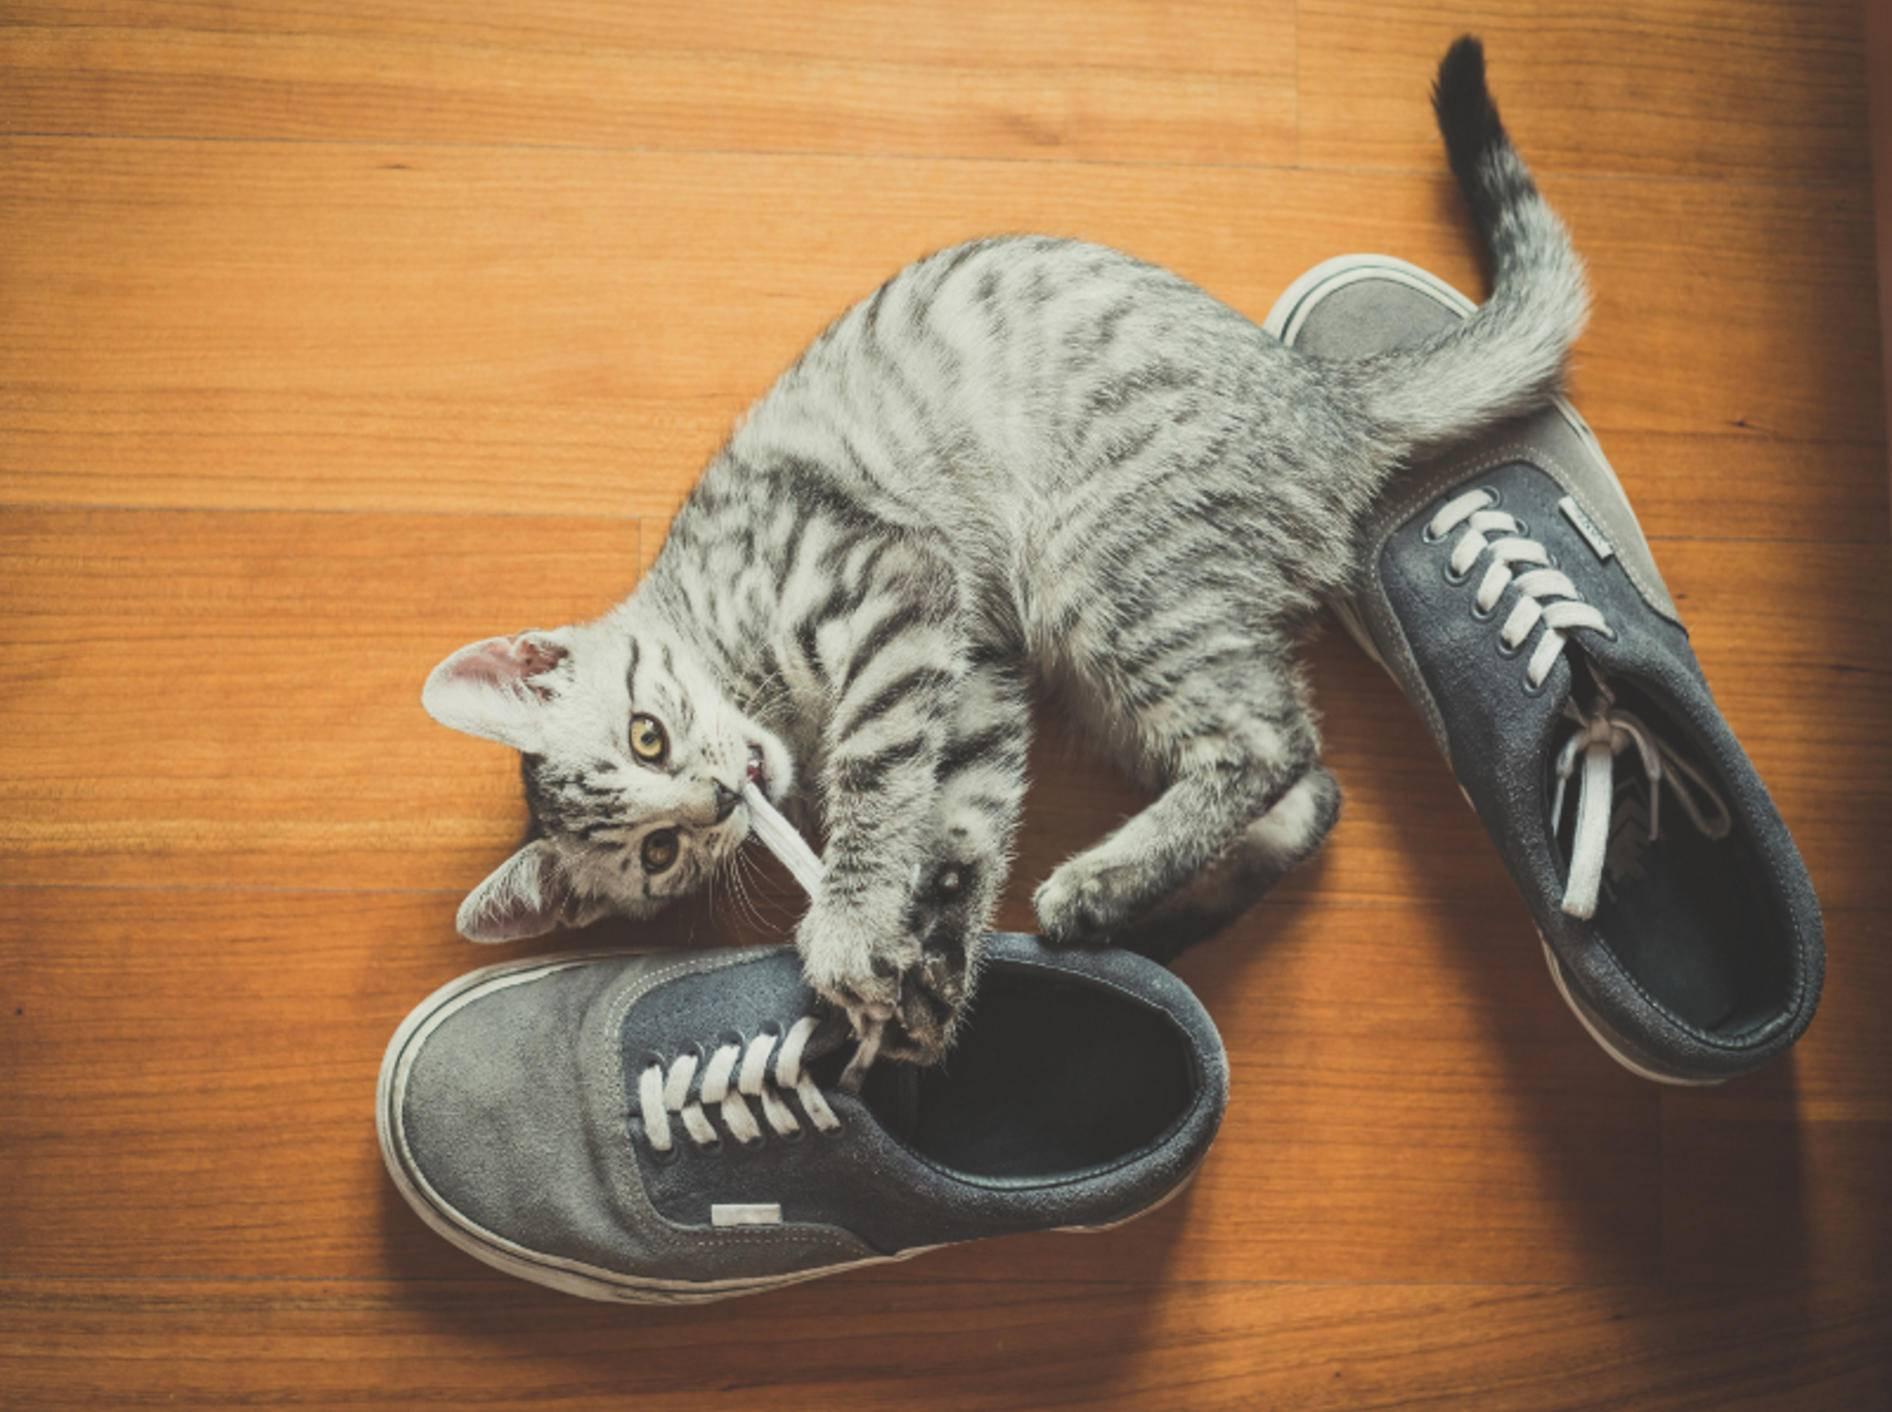 Die kleine Katze knabbert aus Langeweile am Schnürsenkel – Shutterstock / Eugenio Marangiu